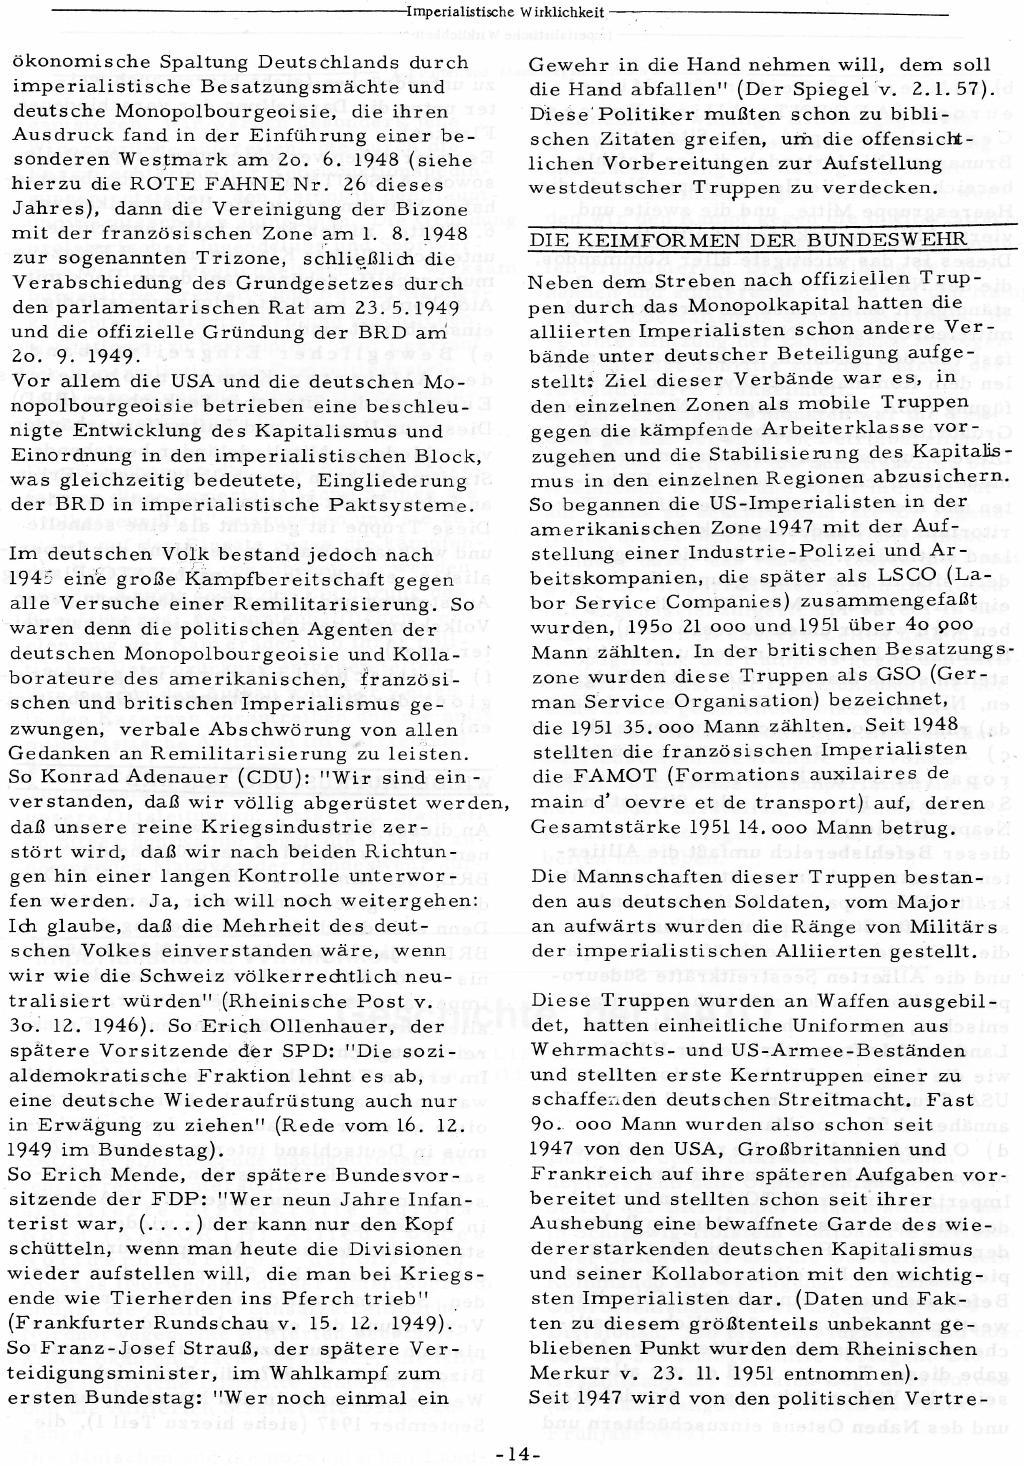 RPK_1973_035_14